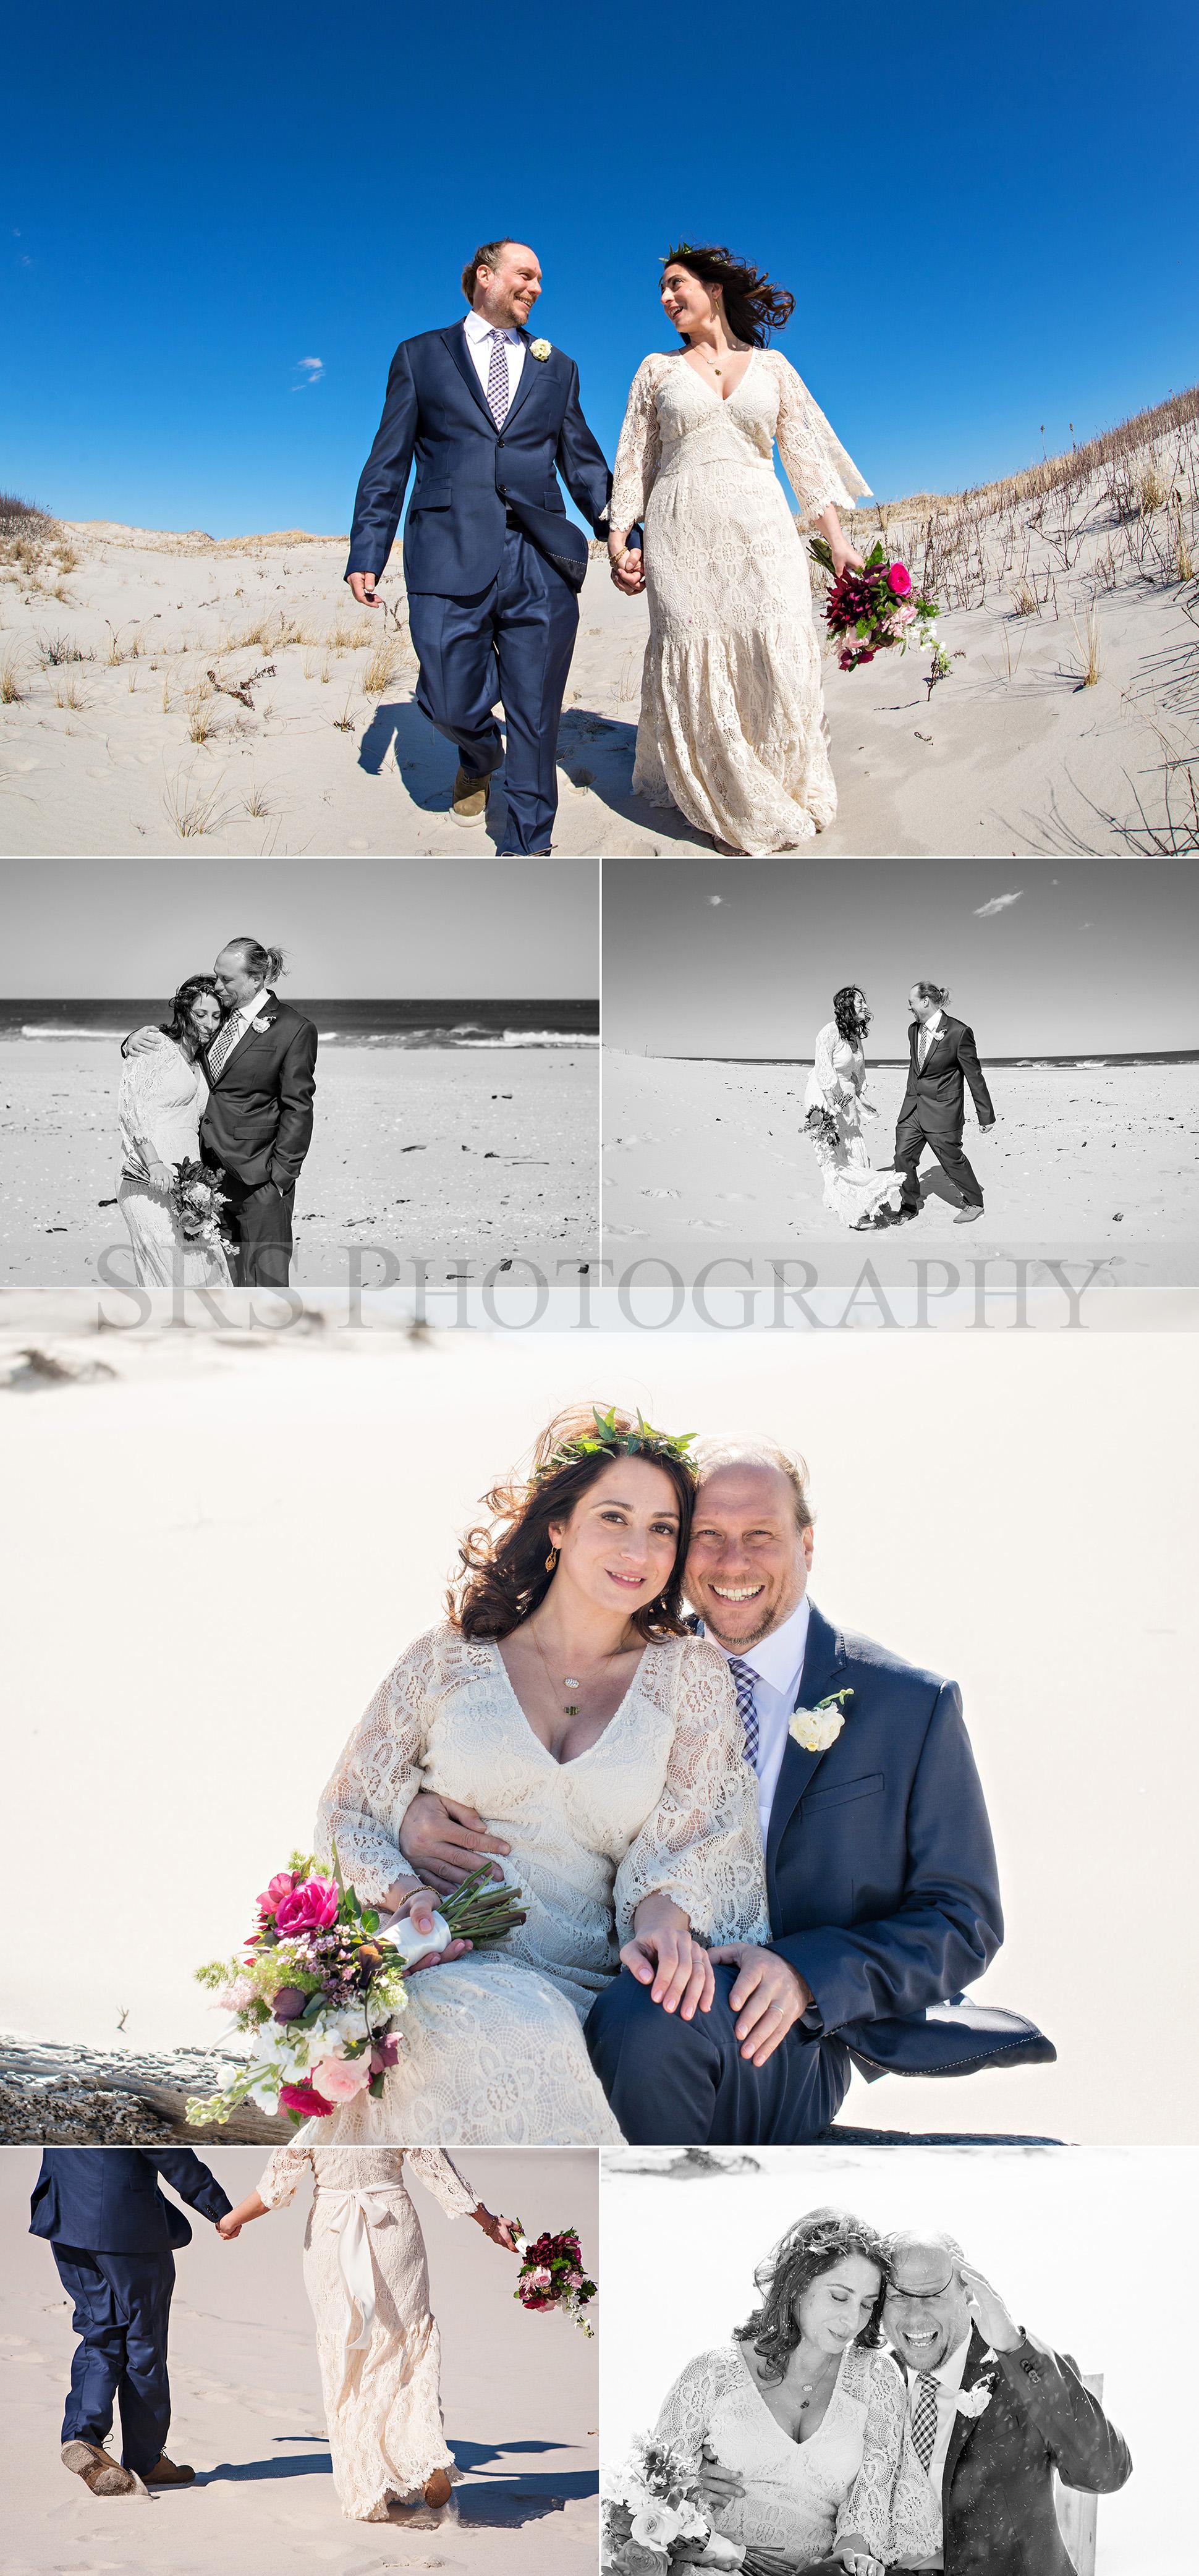 Sara Stadtmiller, SRS Photography, Asbury Park Wedding Photographer, Monmouth County Wedding Photographer, NJ Wedding Photographer, Island Beach State Park Wedding, Labrador Lounge Wedding